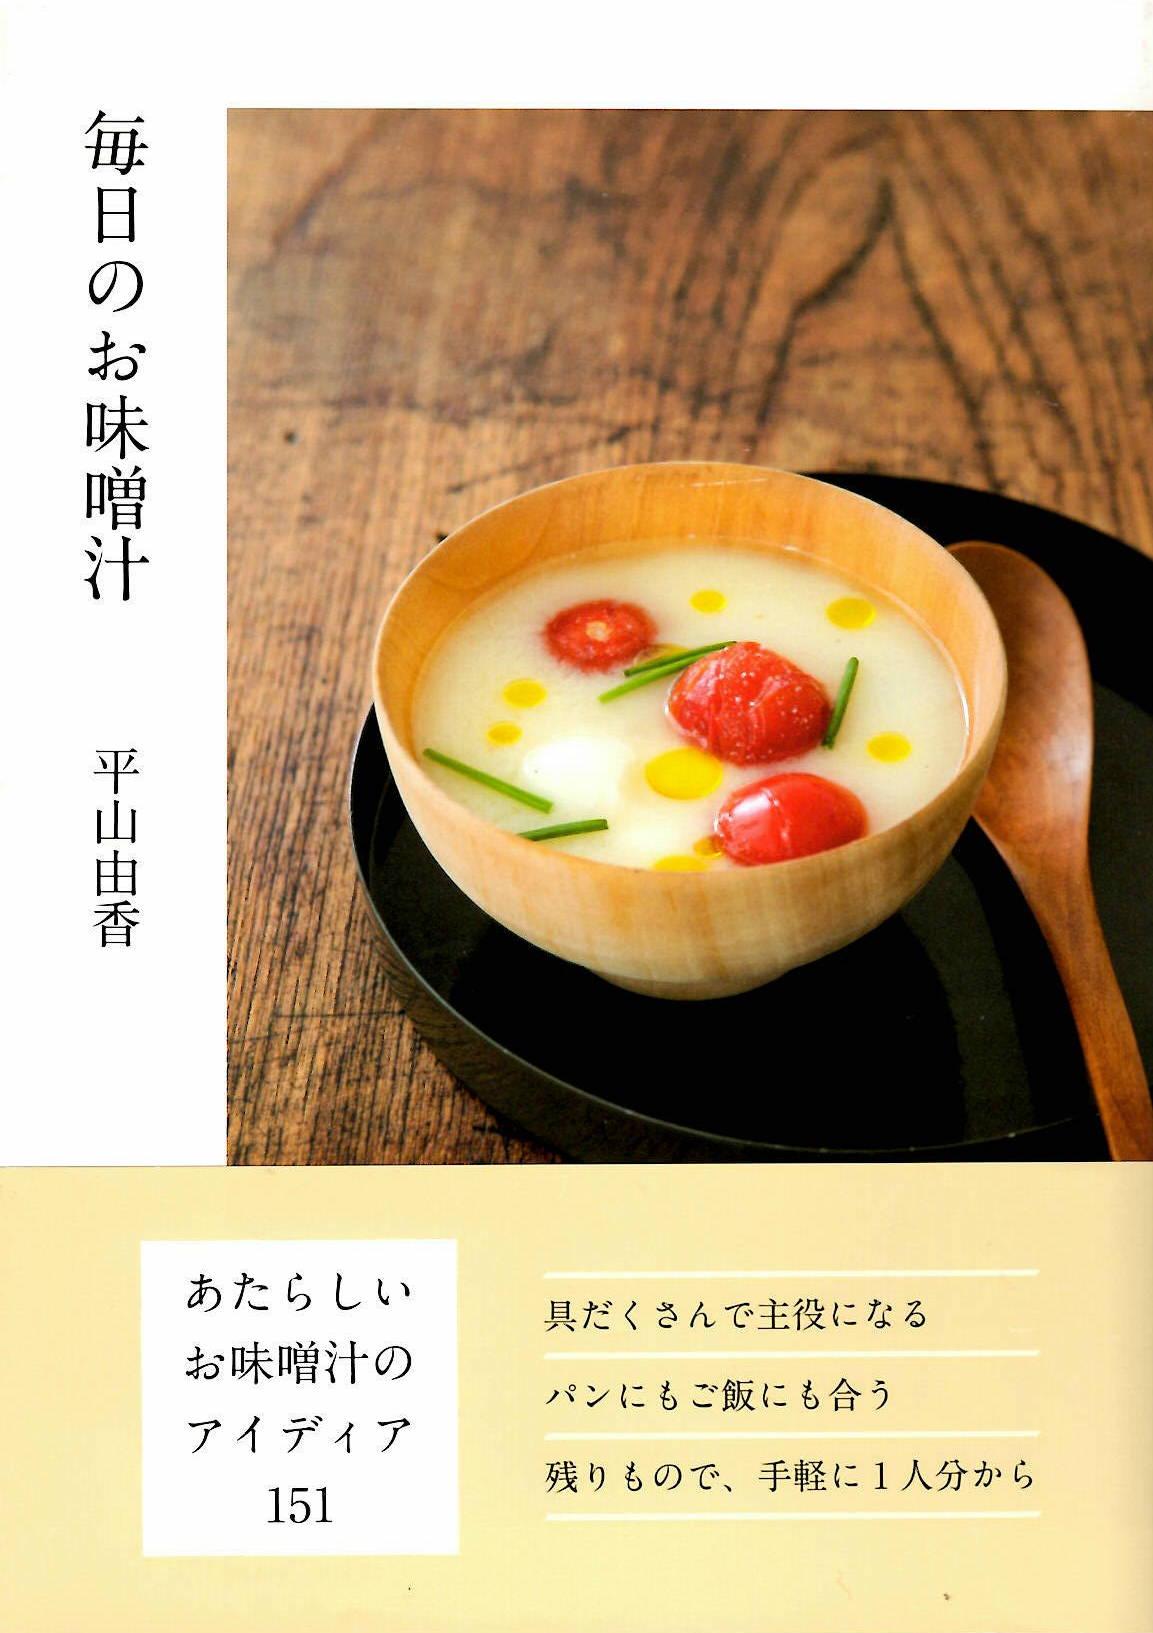 「毎日のお味噌汁」にてご紹介いただきました。